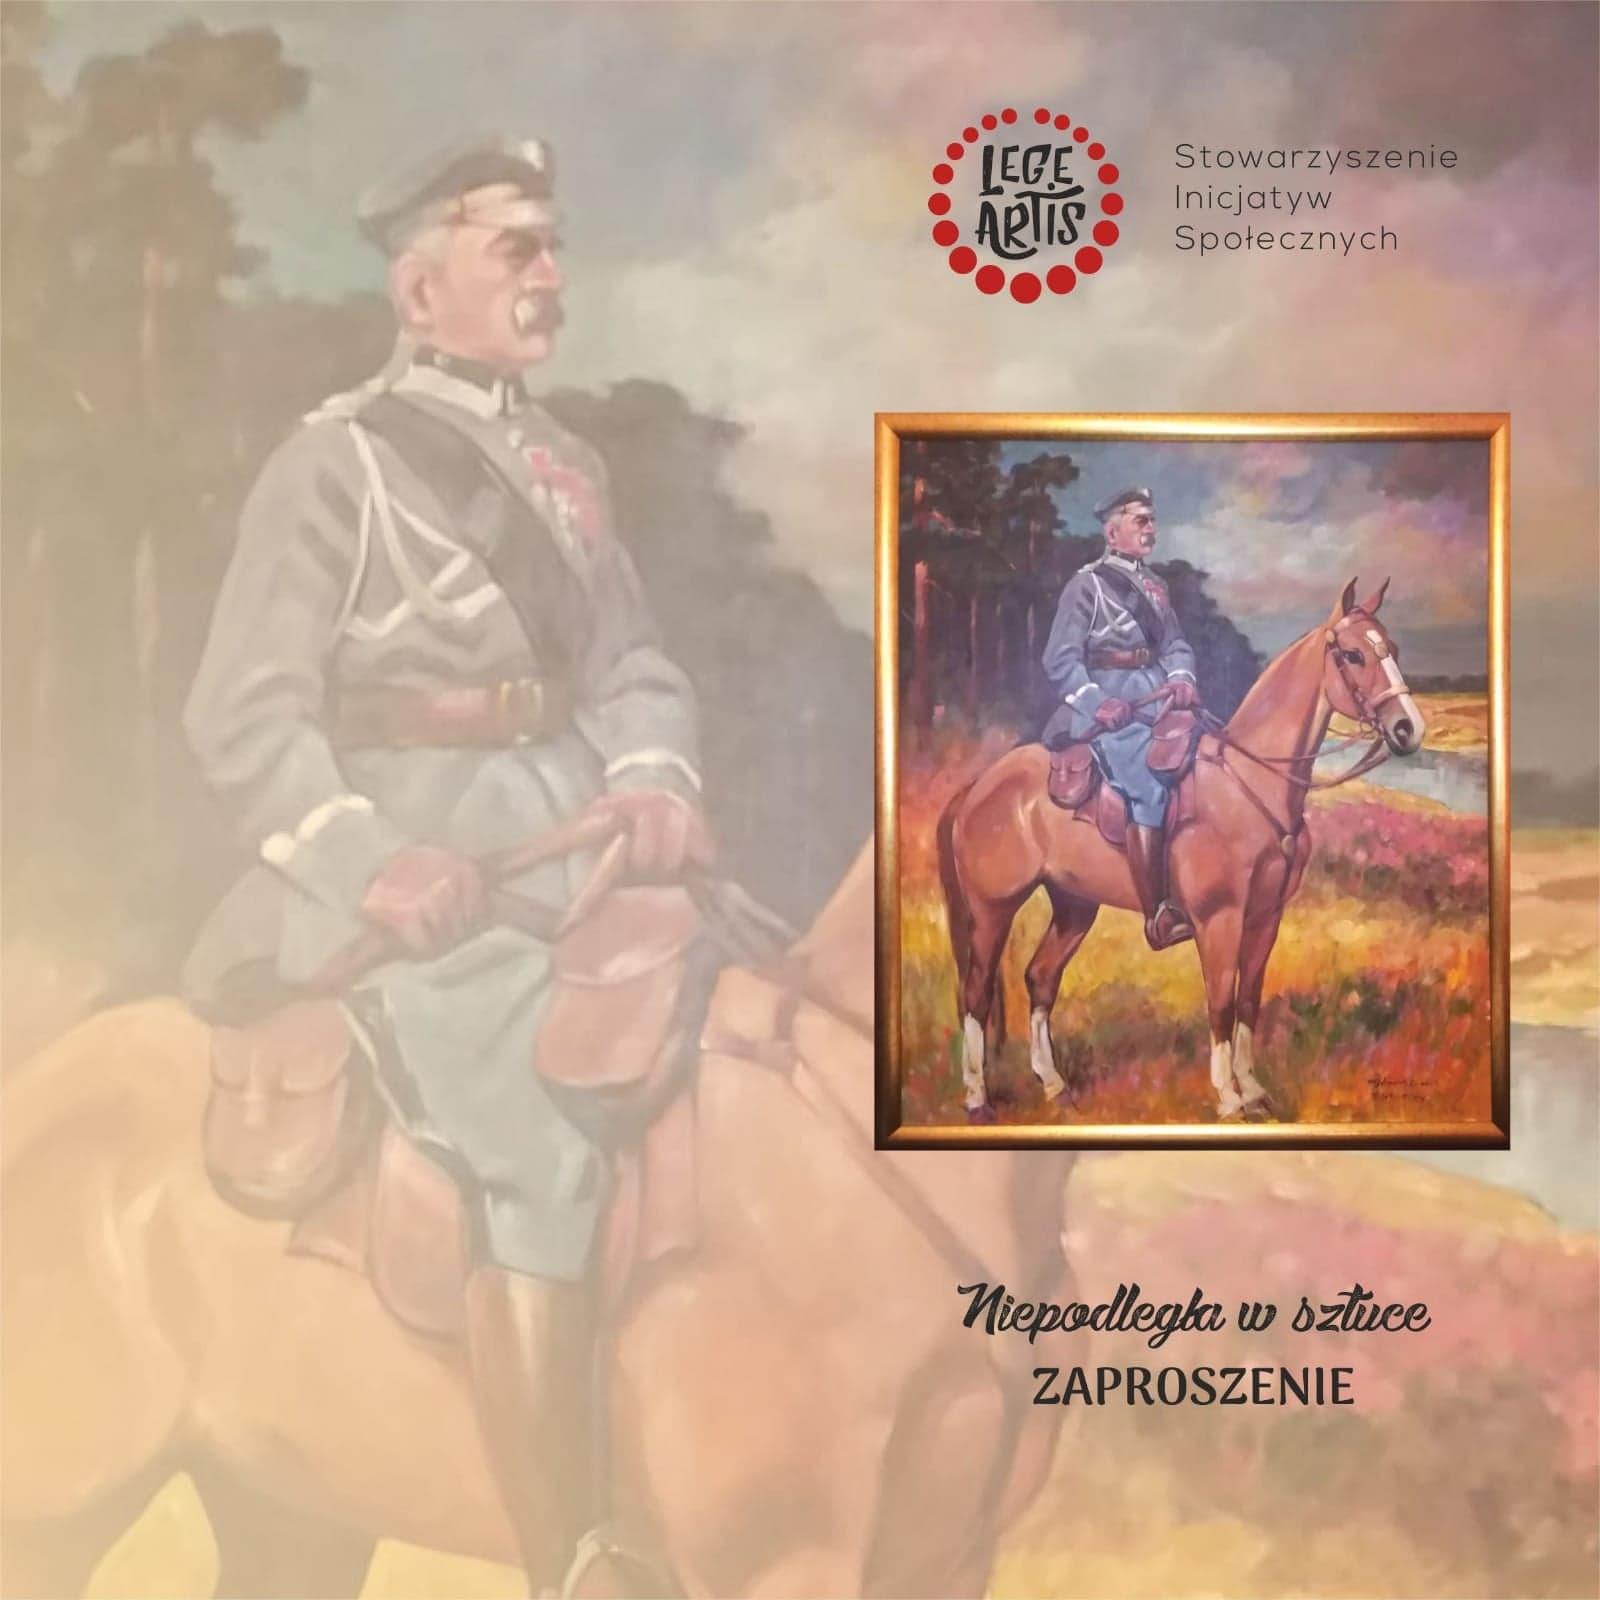 Zaproszenie na wernisaż prac malarskich – 16.11.2018r Kraków